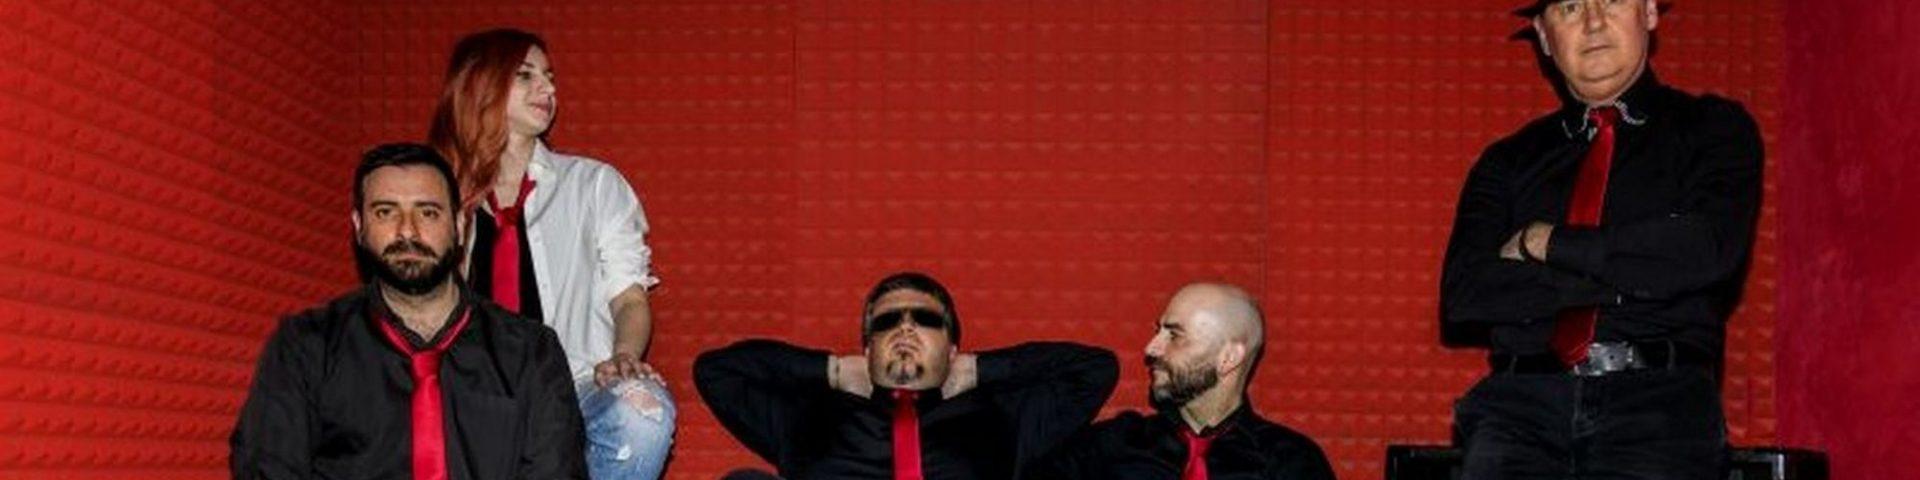 Scooppiati Diversamente Band presenta Bla Bla Bla: intervista a Radio Godot